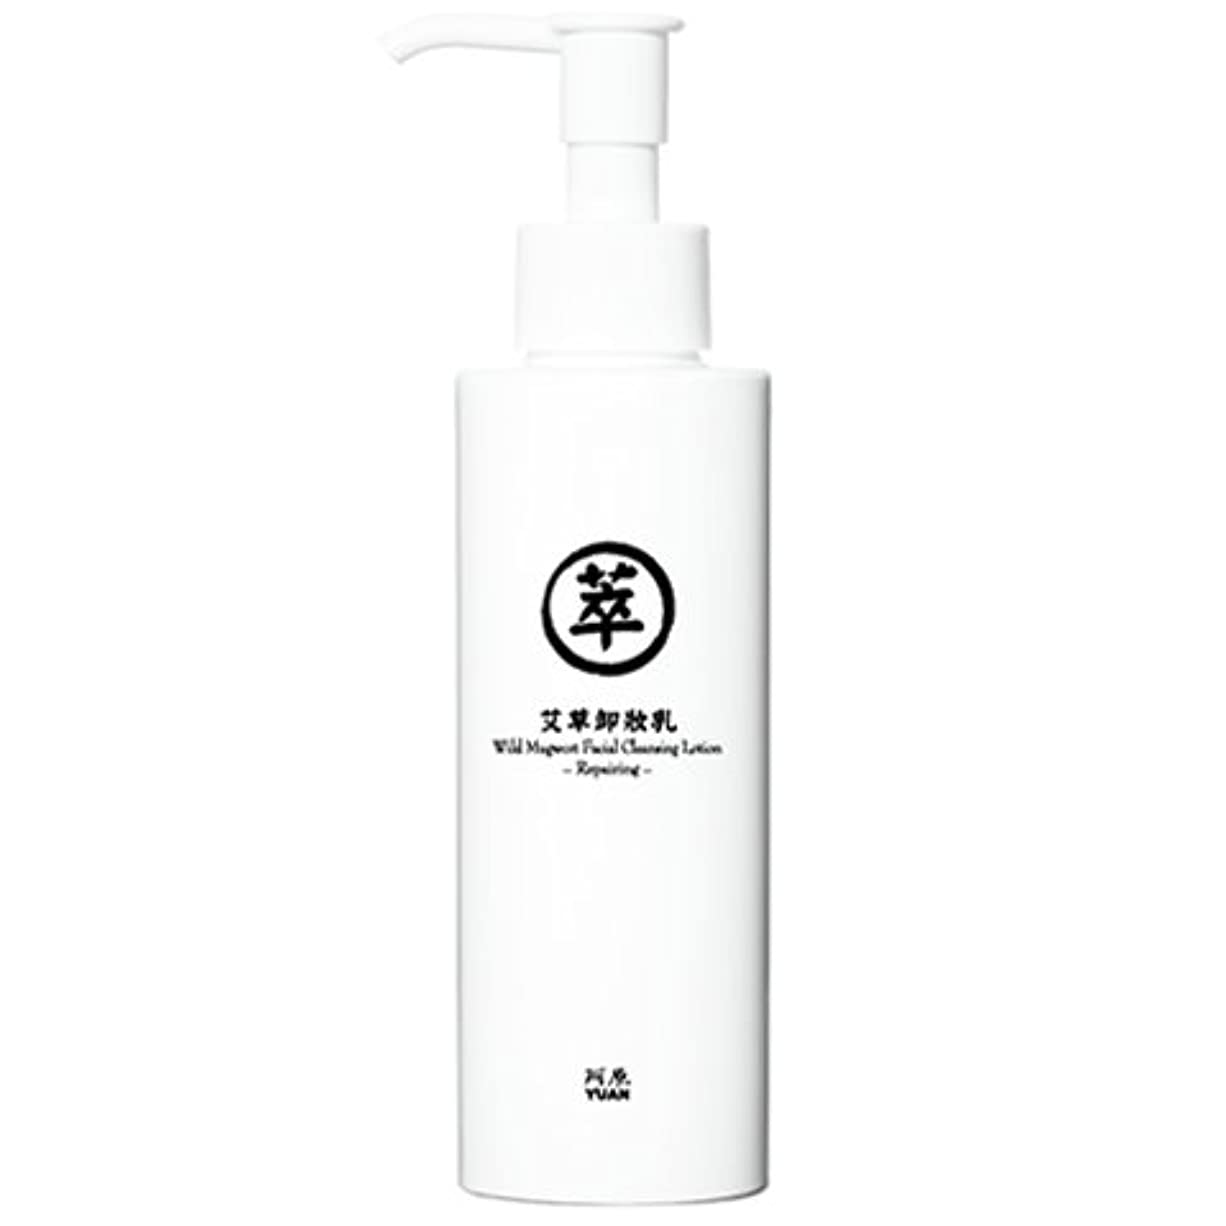 パニック所持中にユアン(YUAN)ヨモギクレンジングミルク 150ml(阿原 ユアンソープ 台湾コスメ)